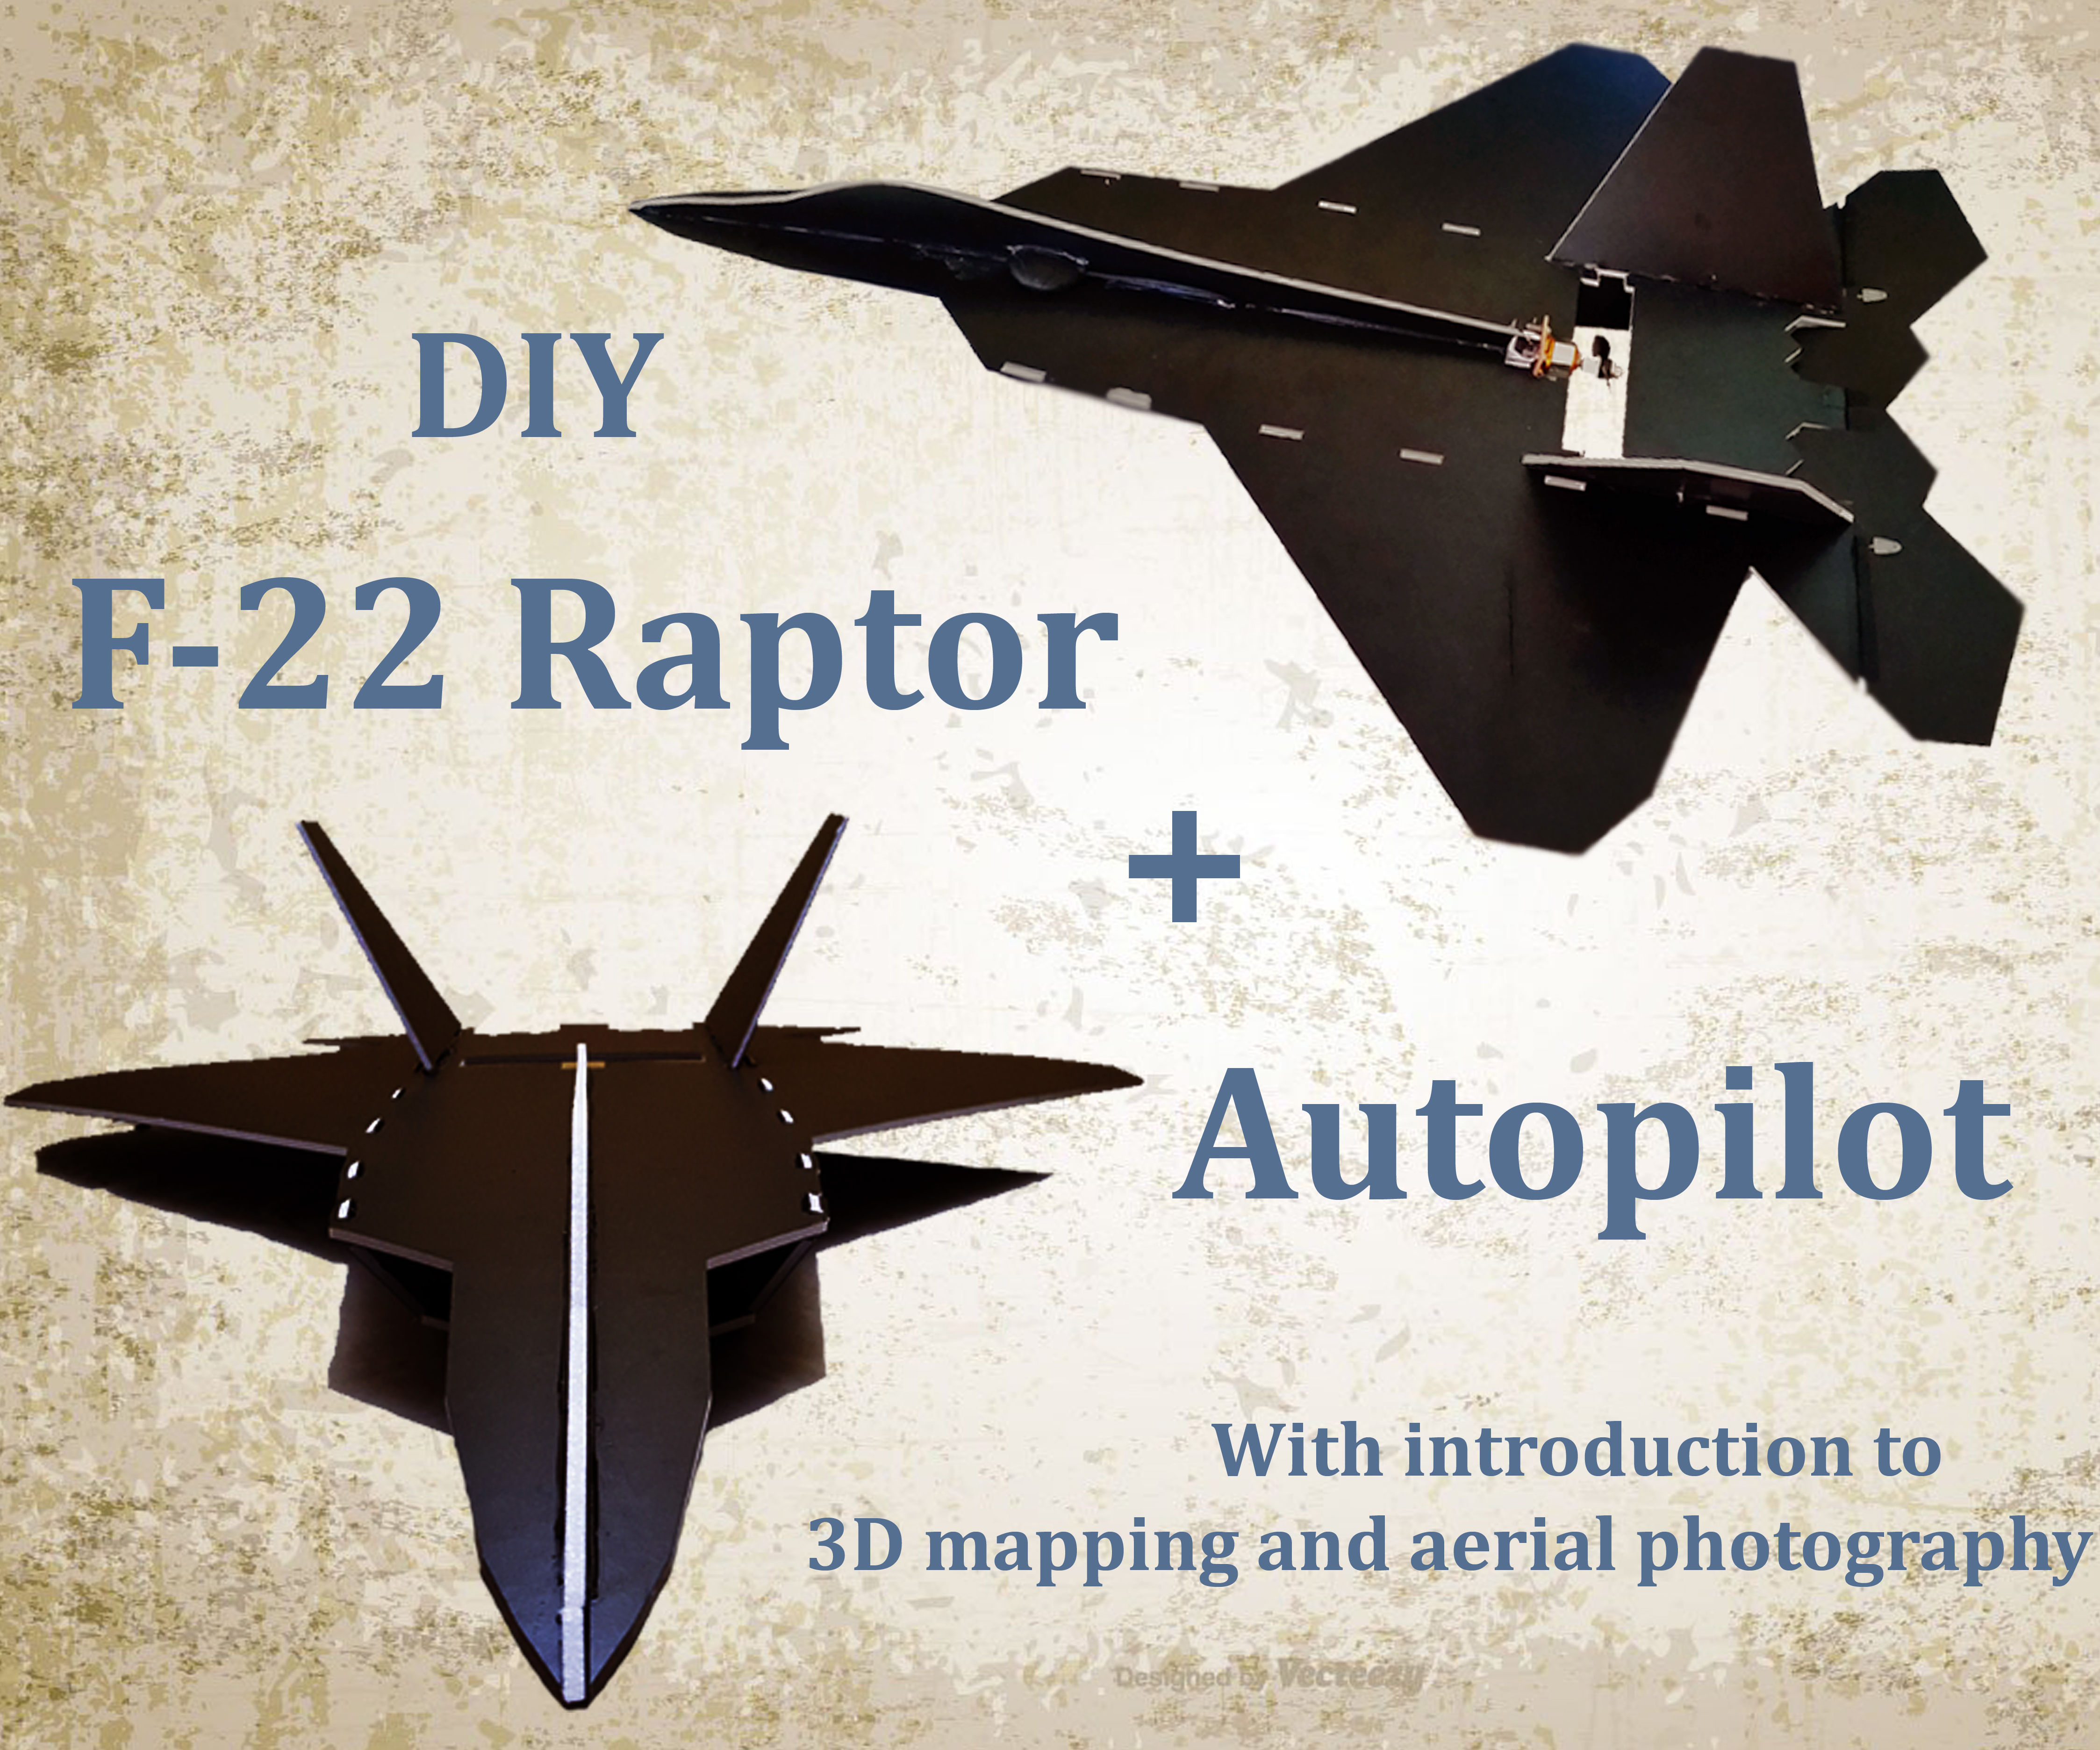 F22 Raptor with Autopilot